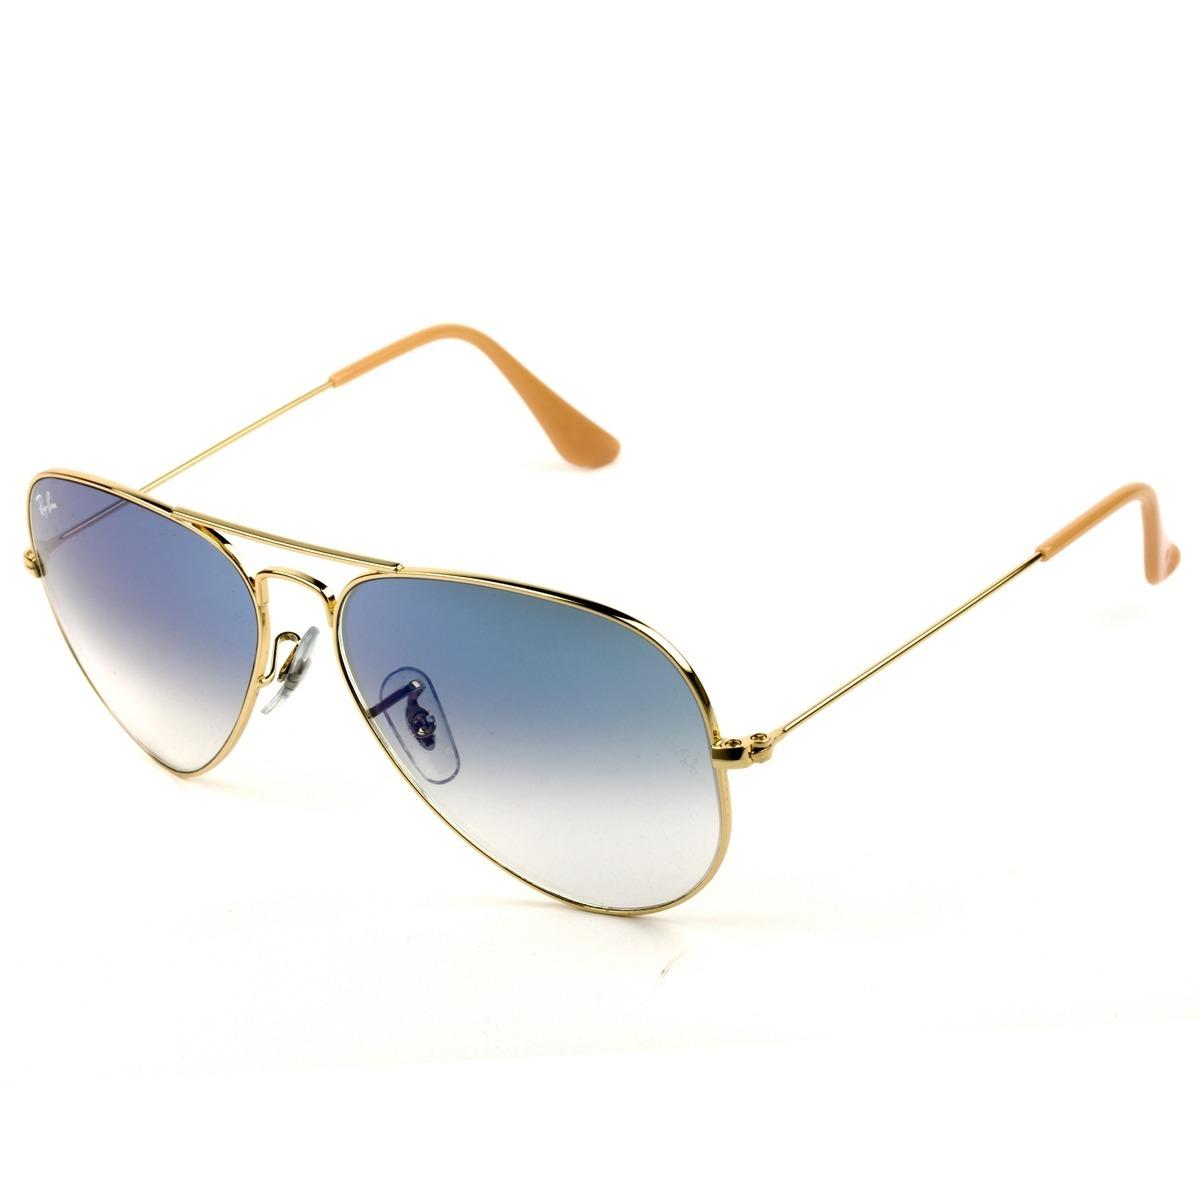 f42cb2263c006 ray ban aviador arm dourada lente azul degradê frete gratis. Carregando  zoom.